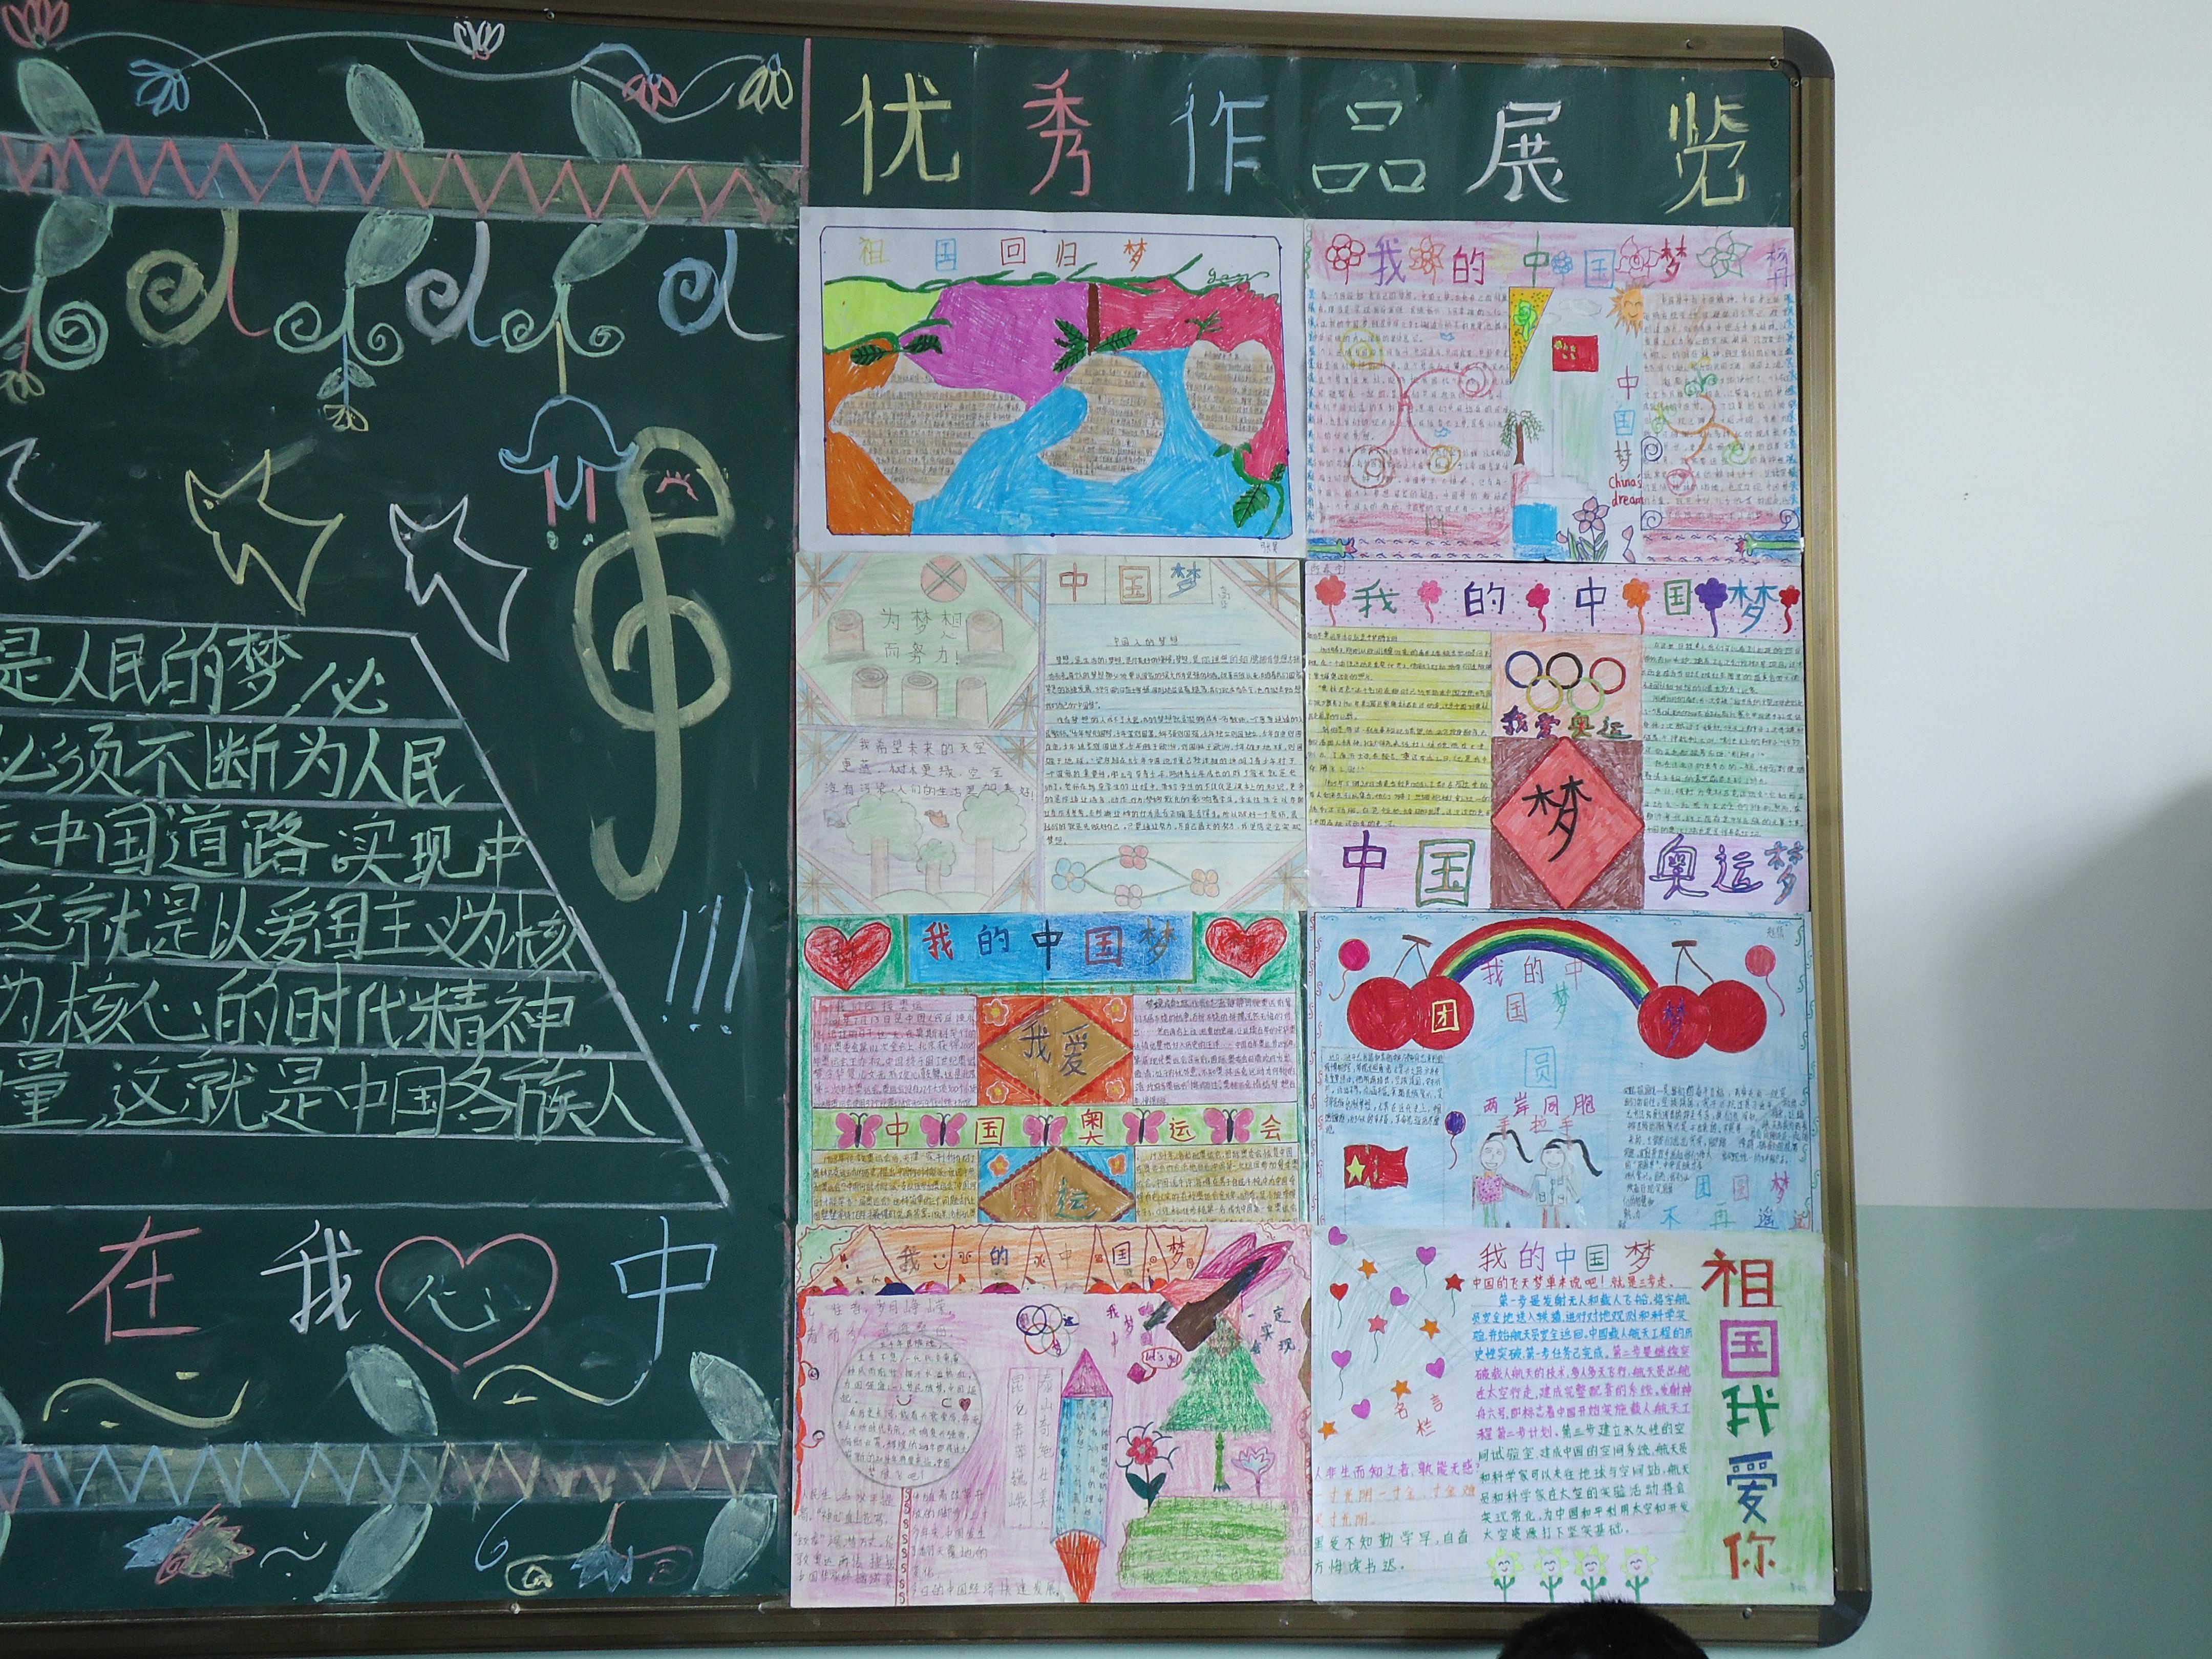 河北区第五十七中学开展 我的中国梦 手抄报展示活动图片